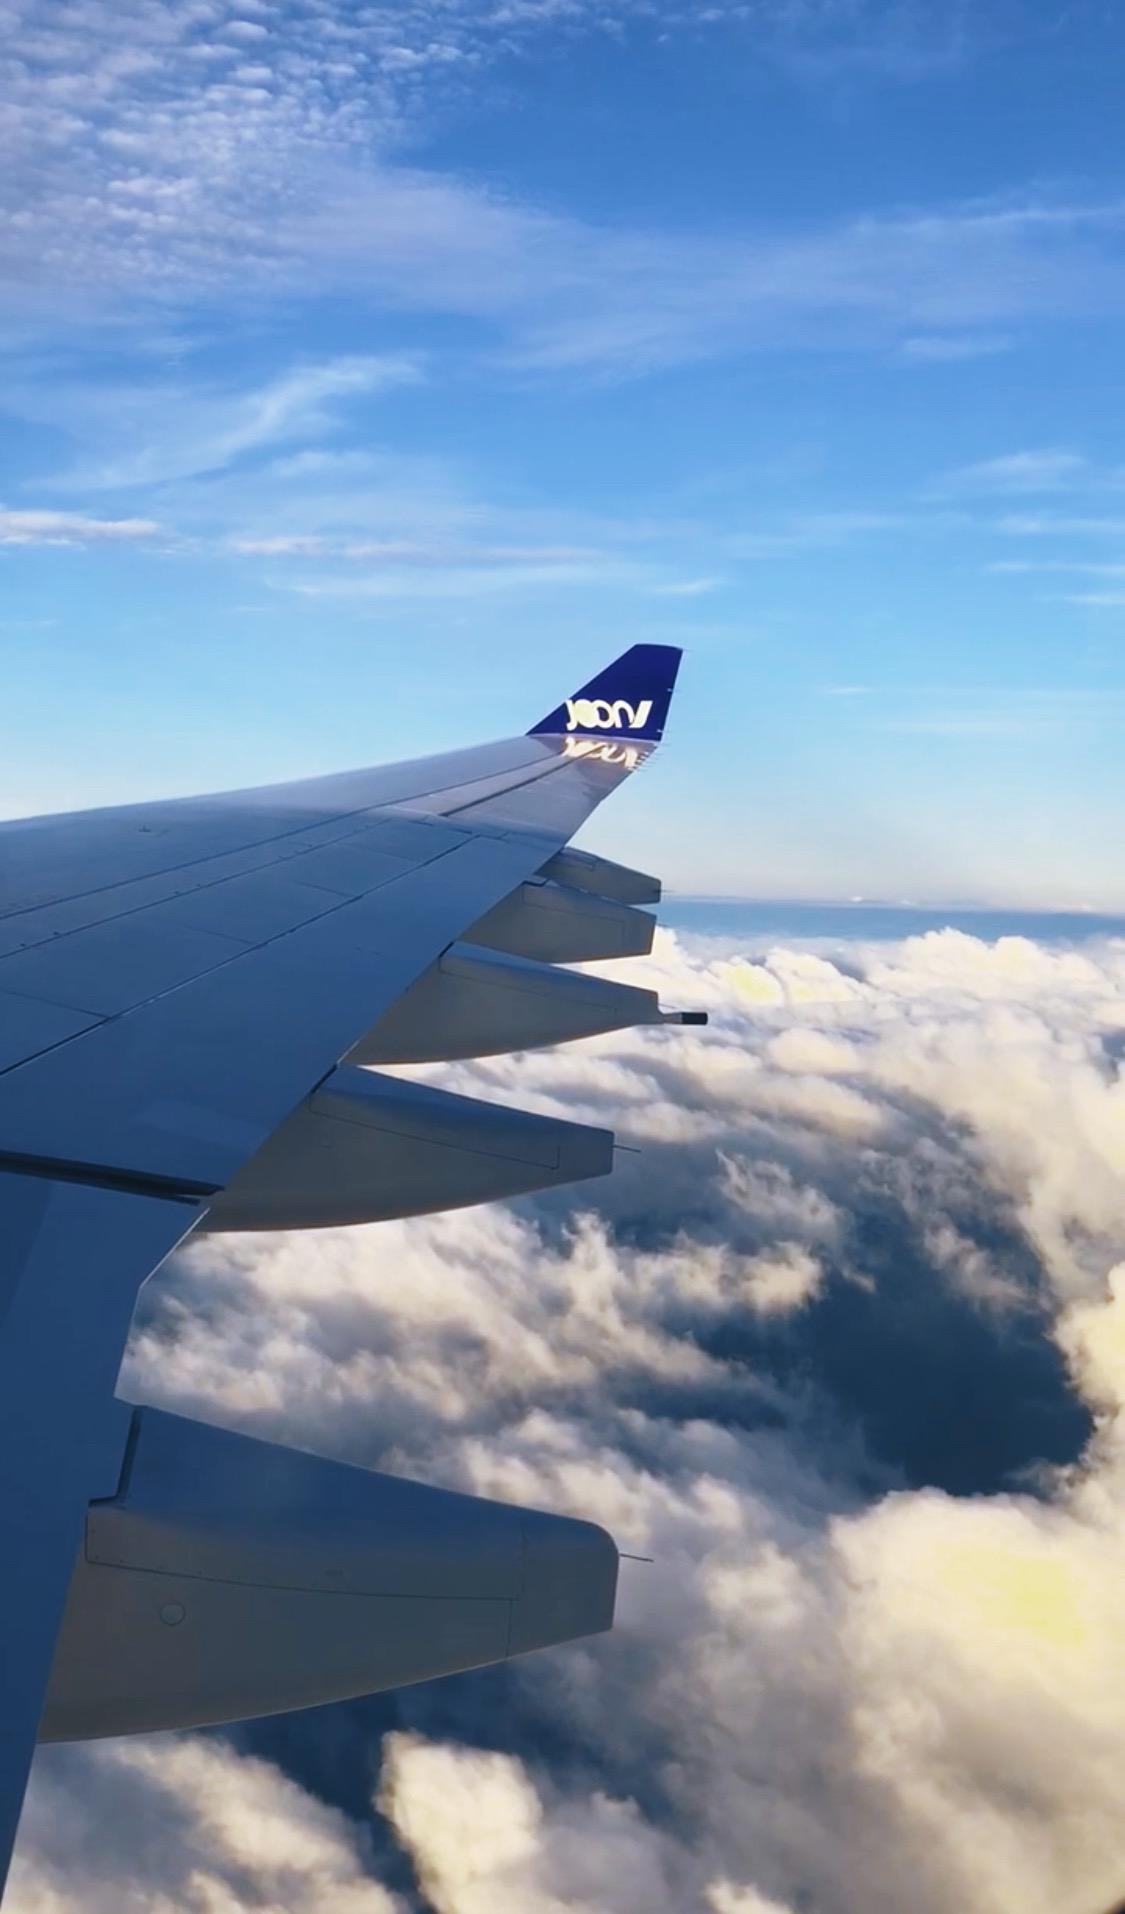 Air France – Joon: Entre illusion et désillusion